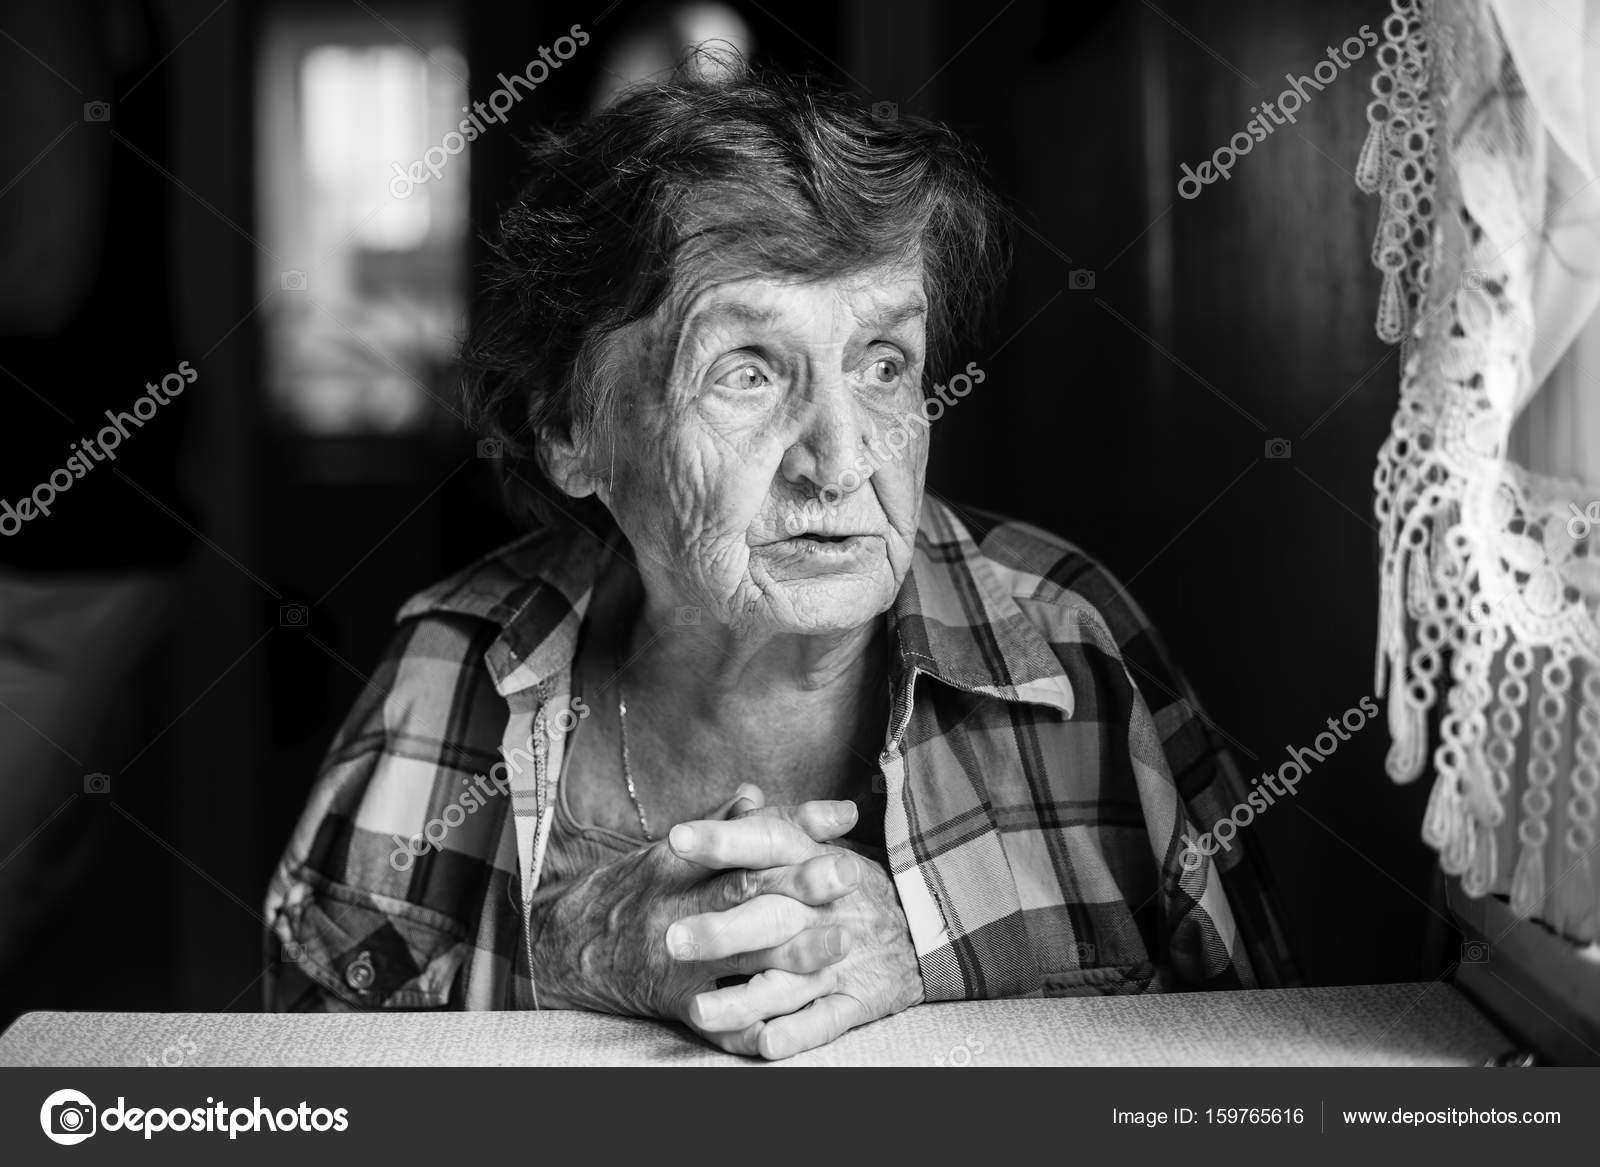 ed390e69c6 az idős asszony fekete-fehér portré — Stock Fotó © dimaberkut #159765616